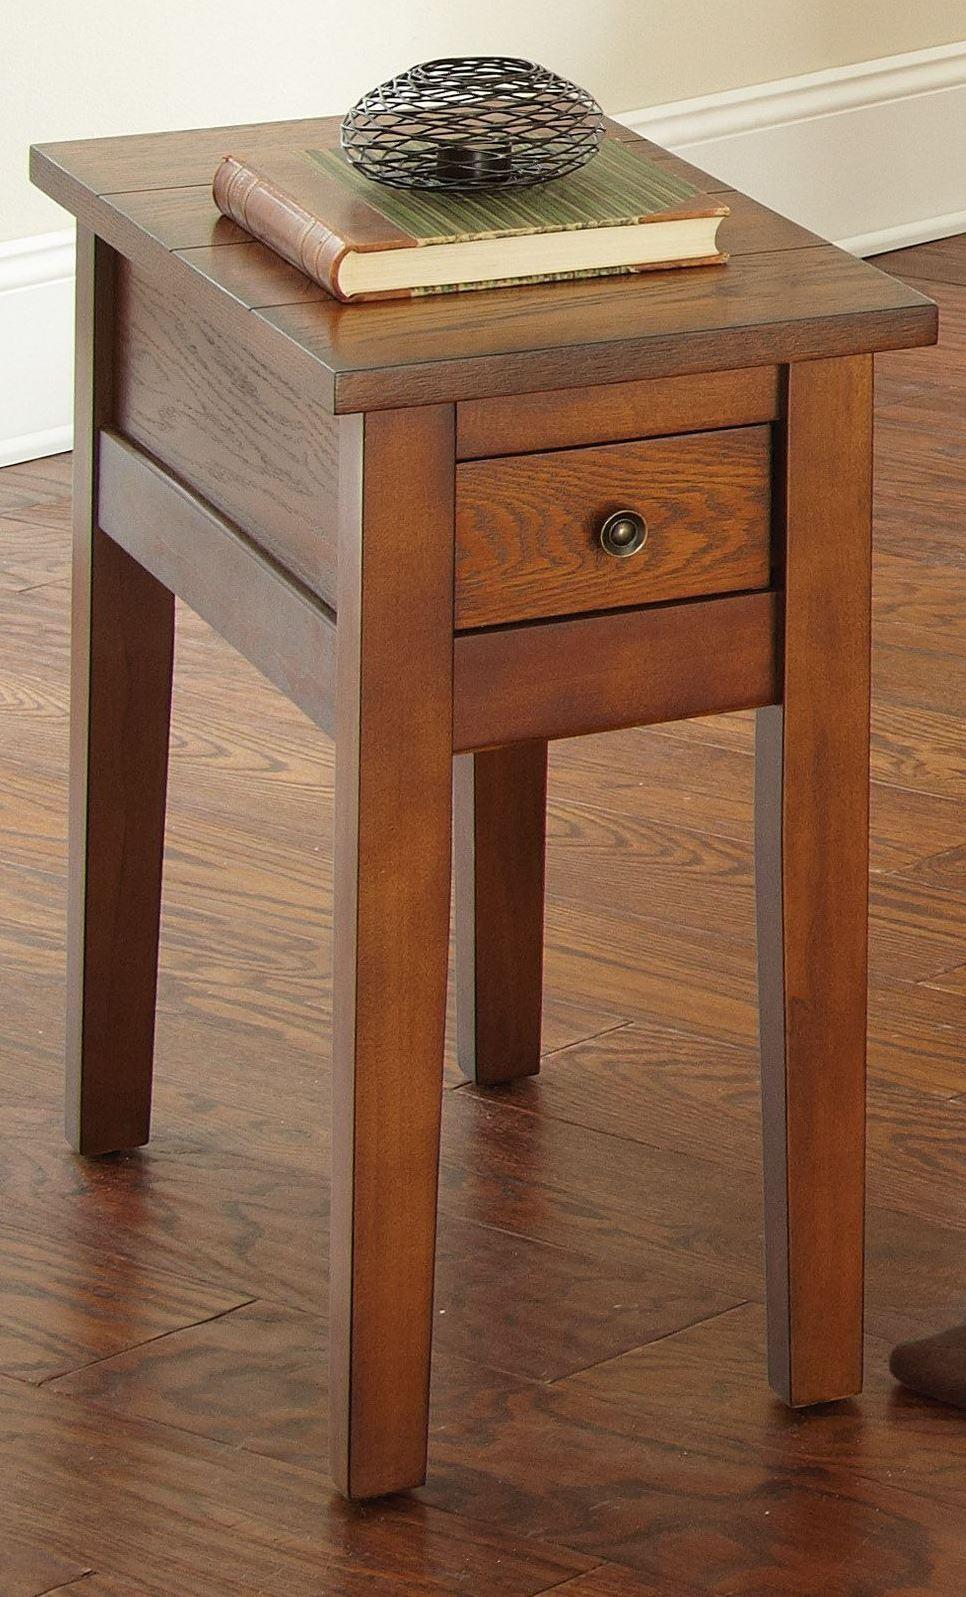 Oak Side Table: Desoto Medium Red Oak Chairside End Table From Steve